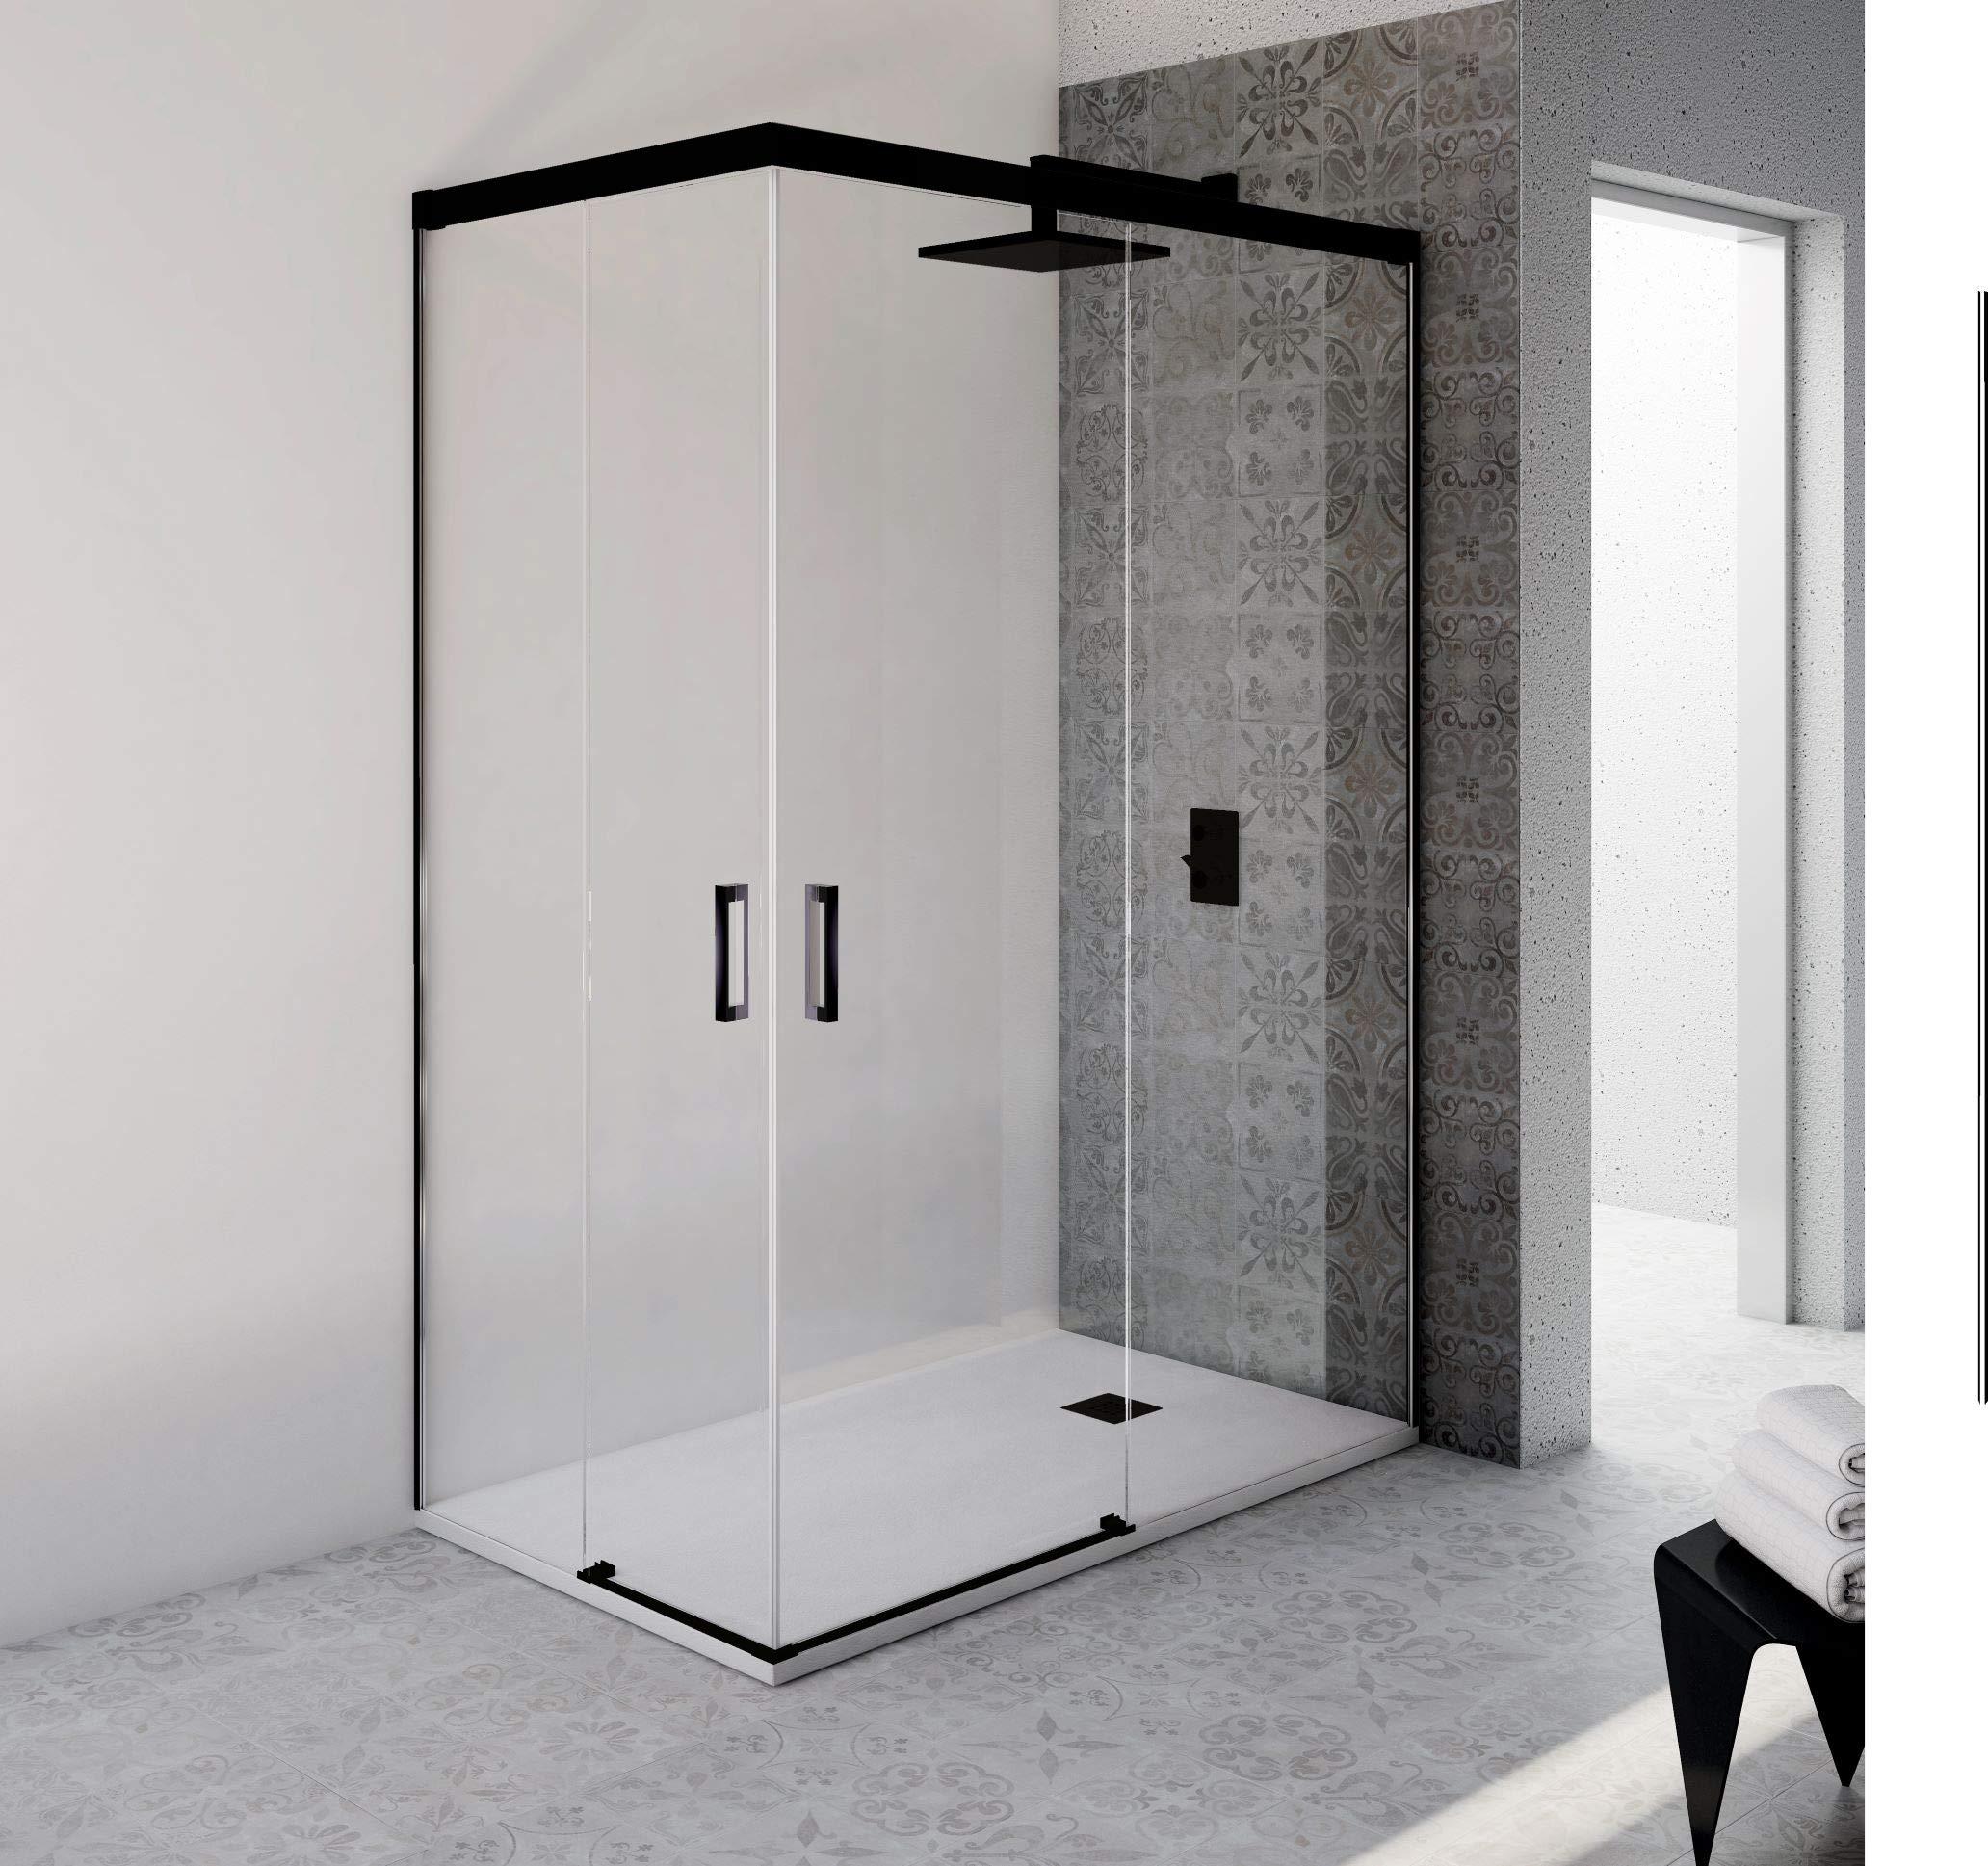 VAROBATH.Mampara de ducha rectangular con cristal transparente 6 mm y perfil acabado en negro. (70 a 90 x 110 a 119): Amazon.es: Bricolaje y herramientas